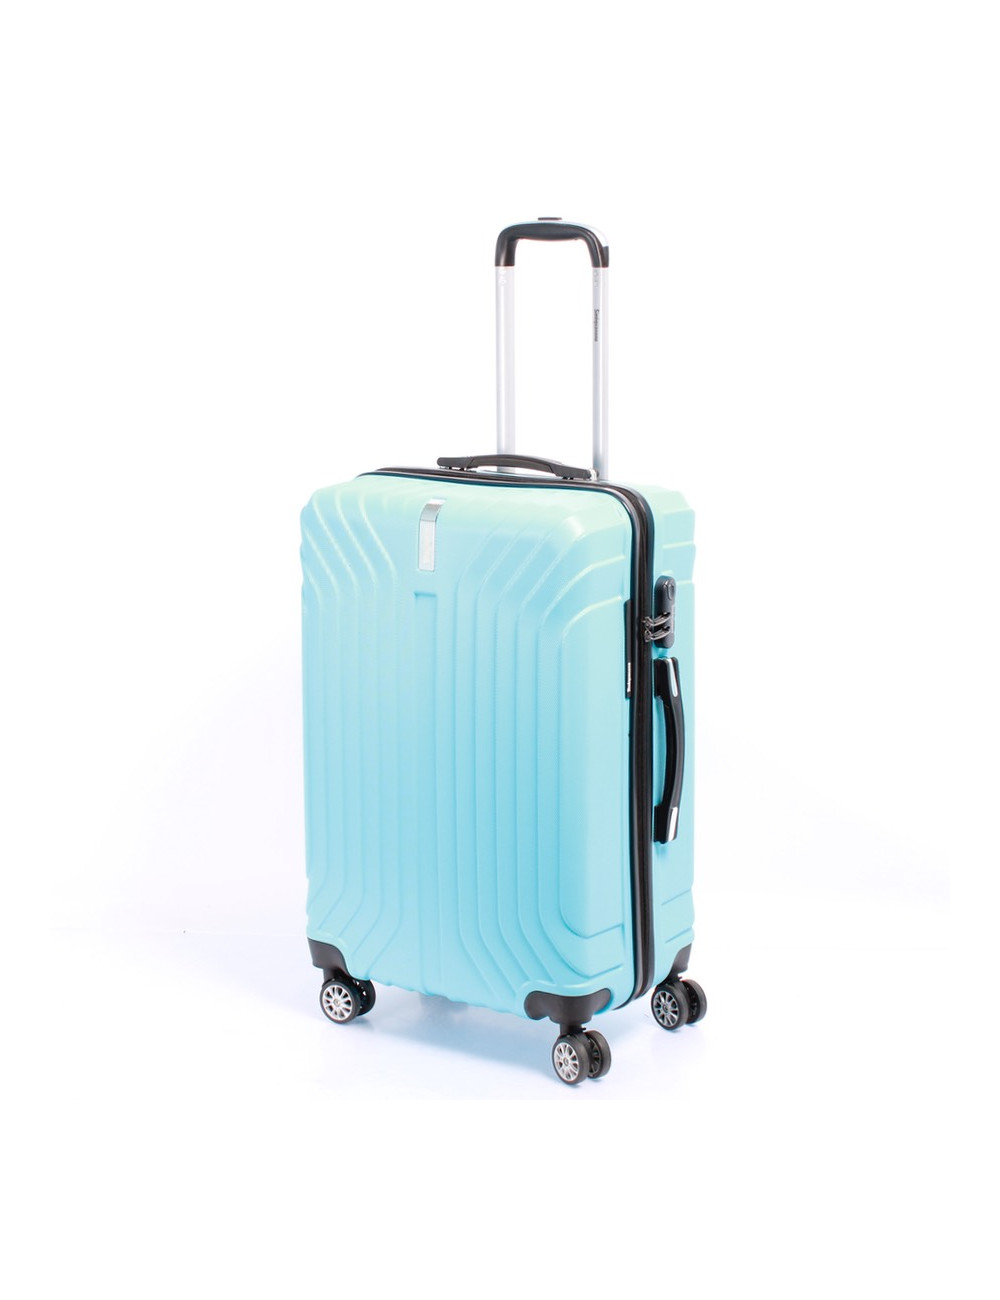 valise sinequanone